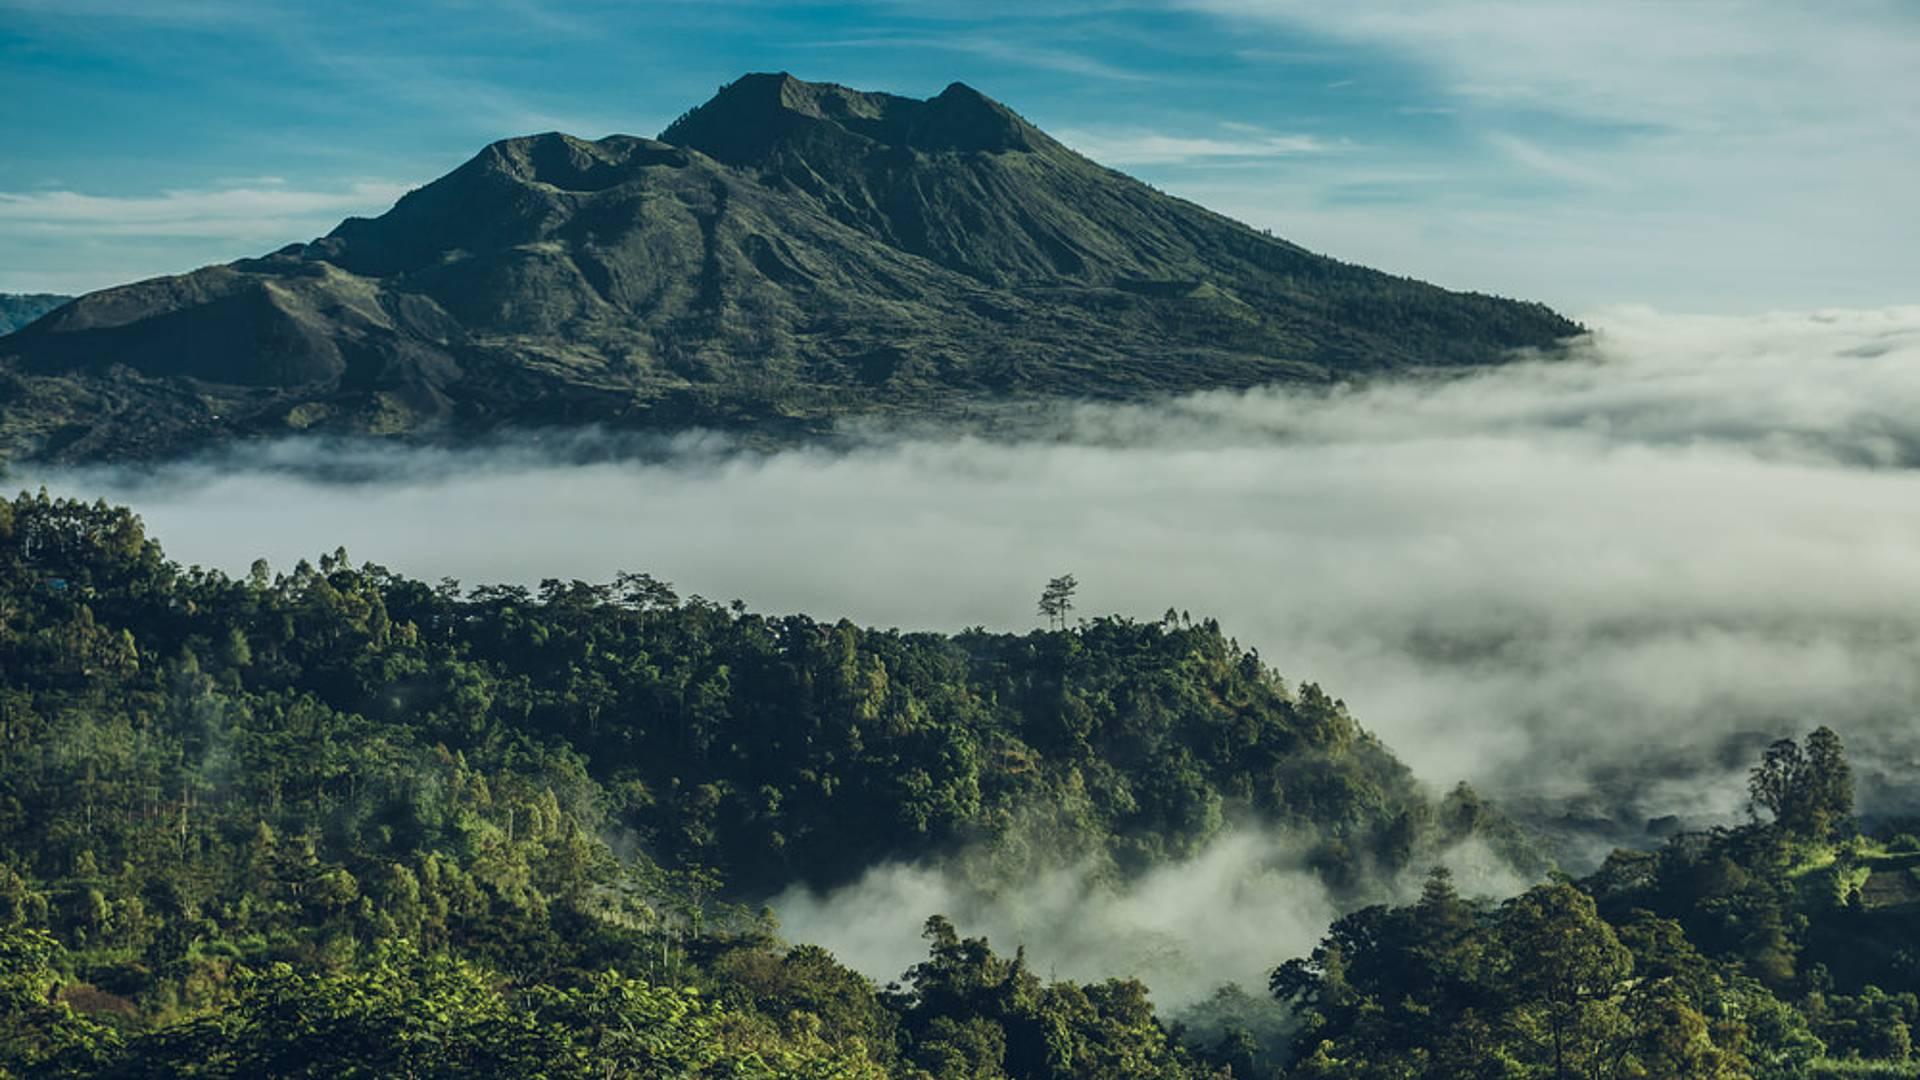 Découverte de Bali, entre nature, culture et splendeurs